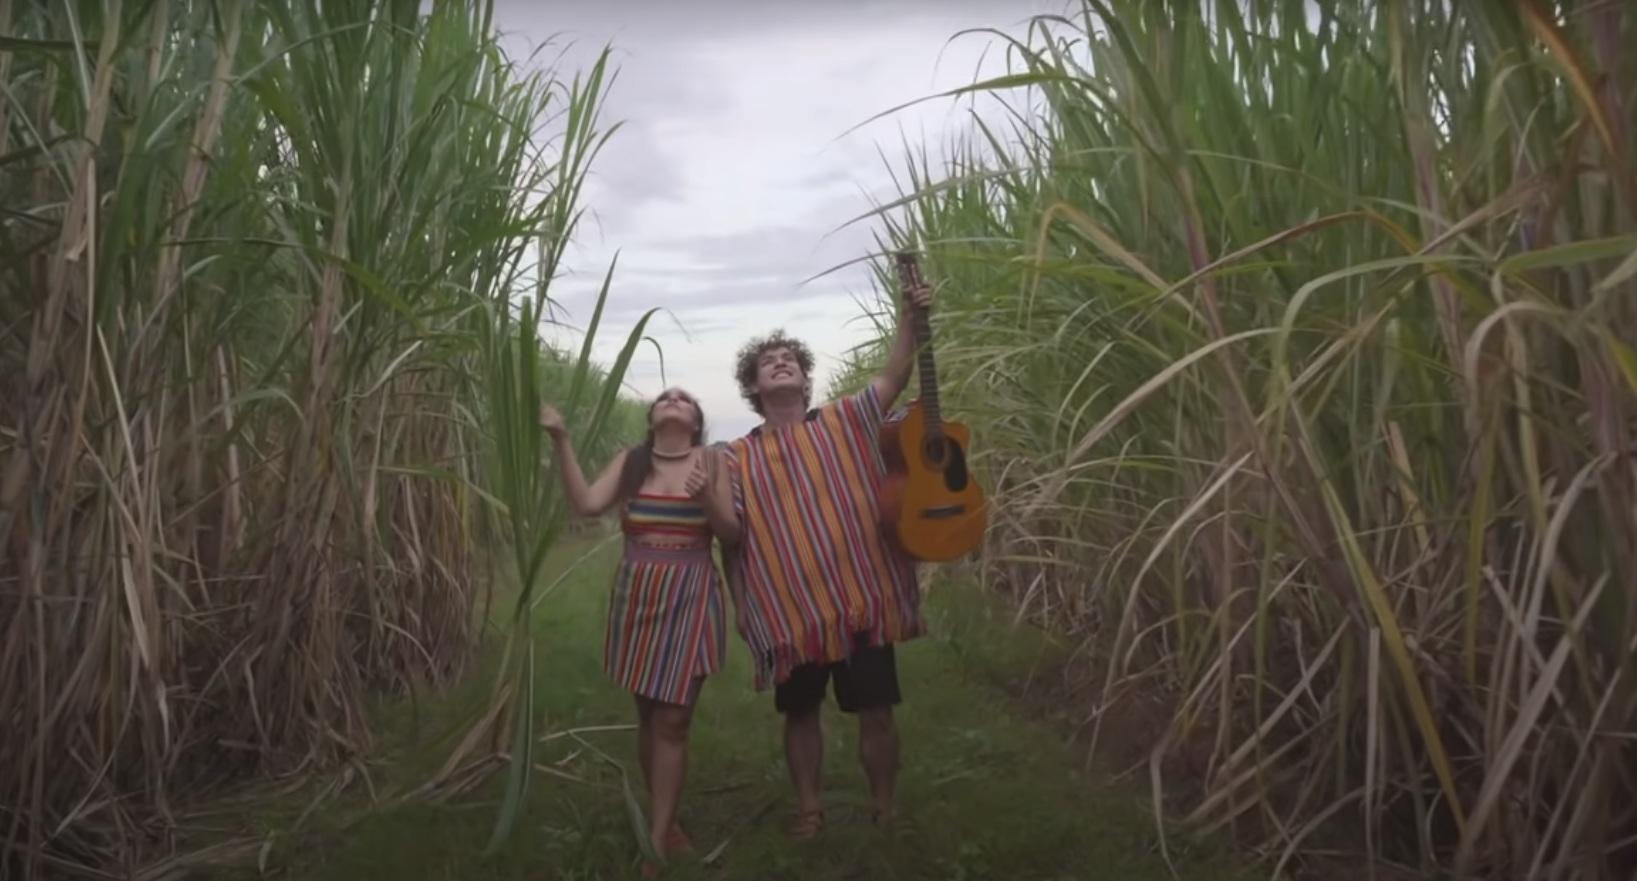 Con diferentes matices de la cultura paraguaya, llega el nuevo videoclip de Purahéi Soul